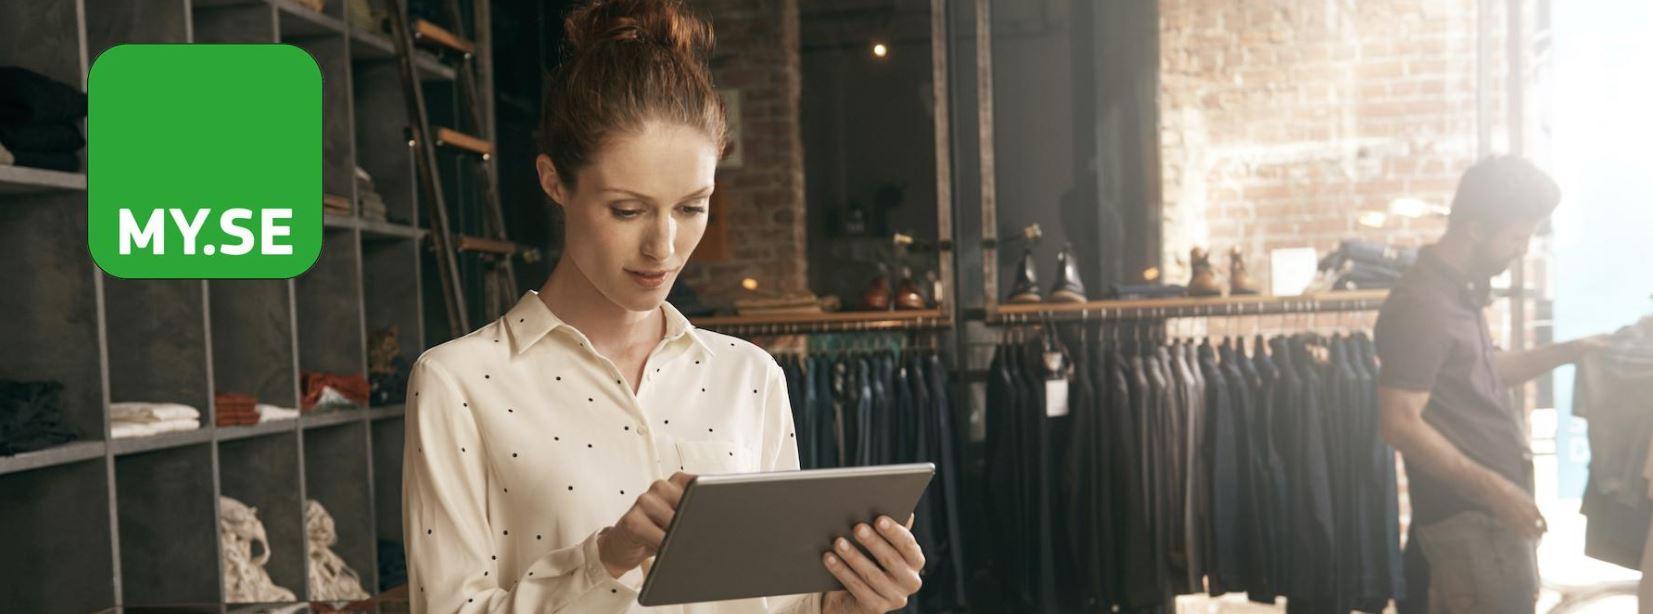 Lär dig e-handel! Distansutbildning